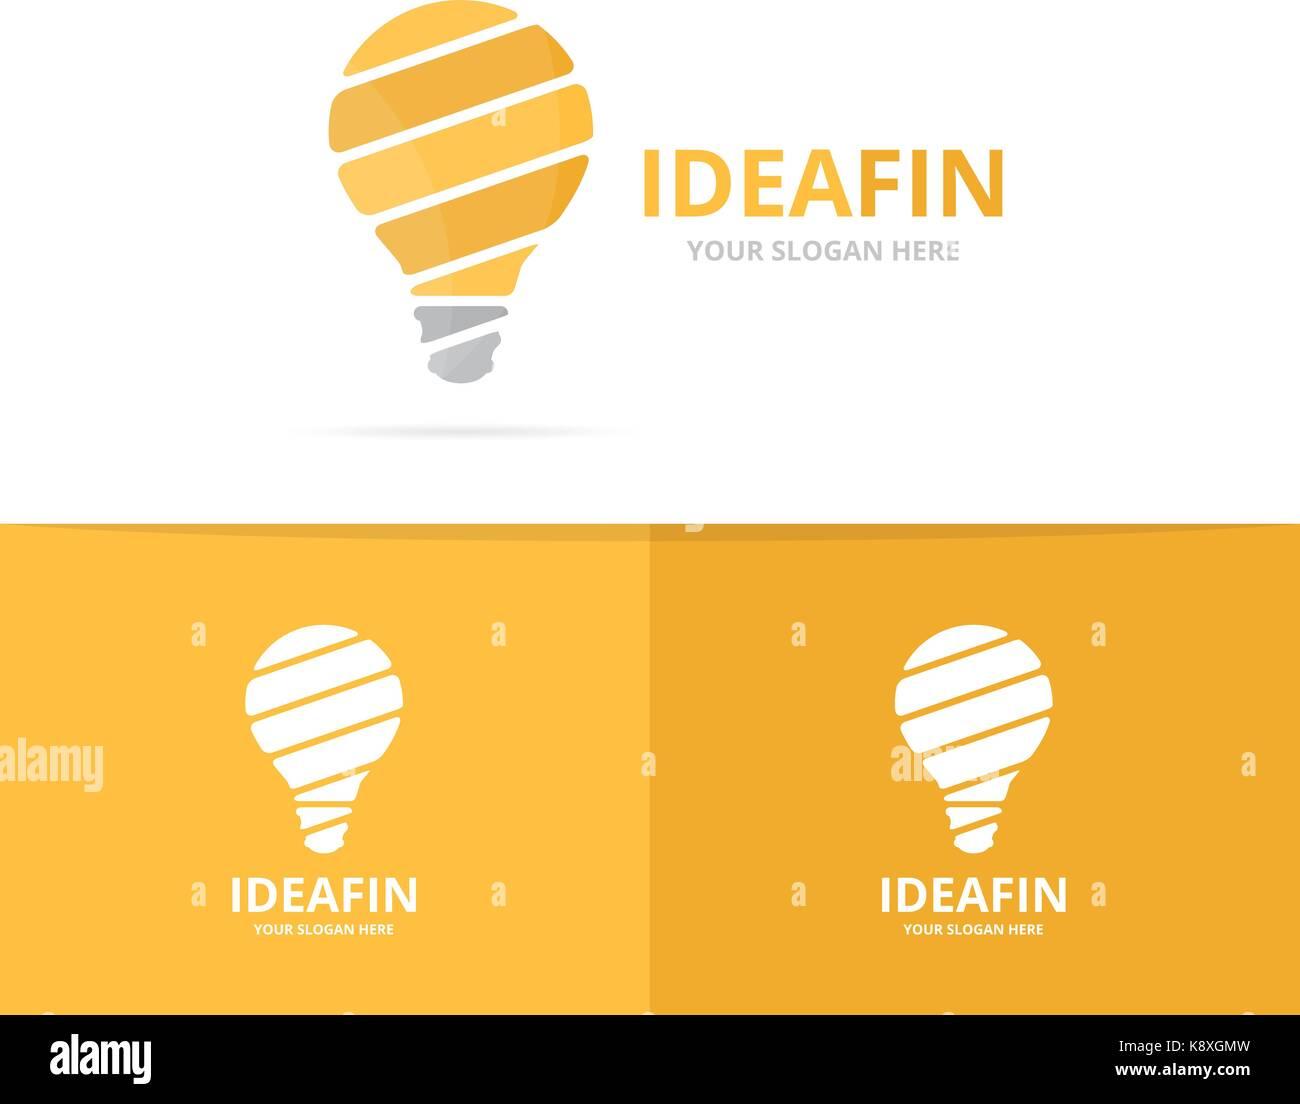 lightbulb logo stock photos amp lightbulb logo stock images